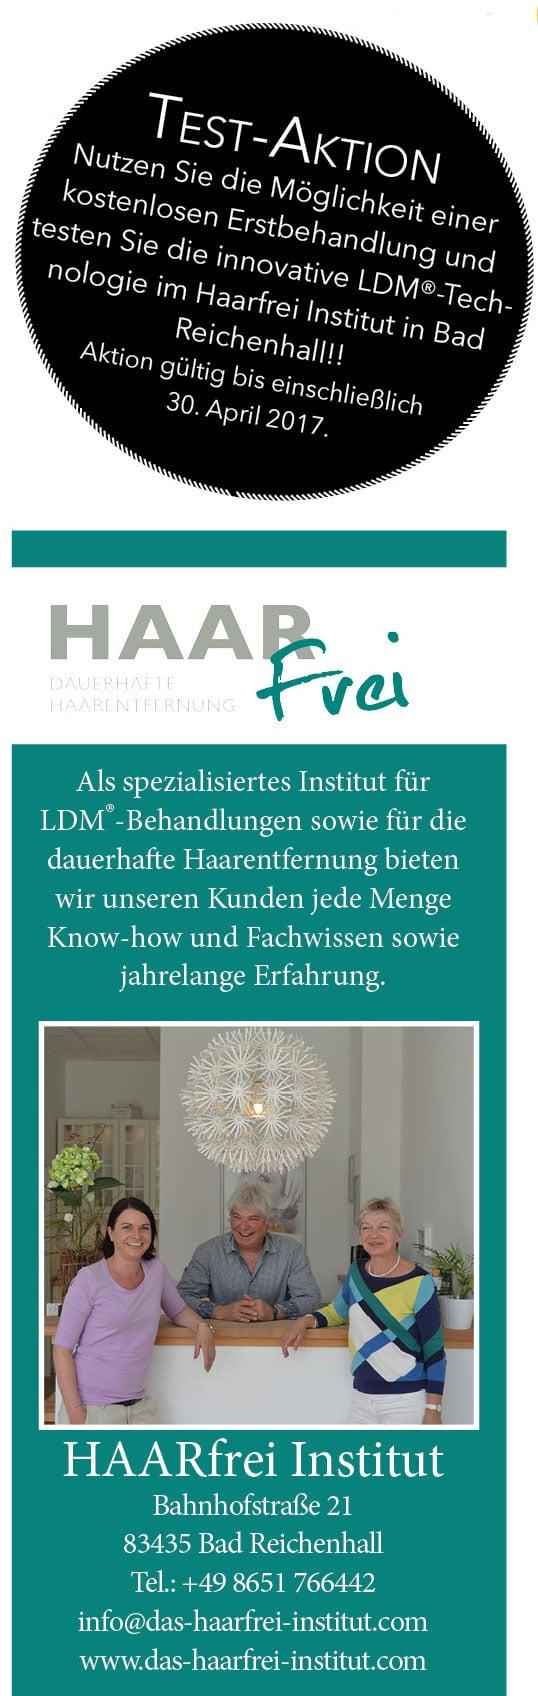 LDM - Technologie im Haarfrei Institut in Bad Reichenhall